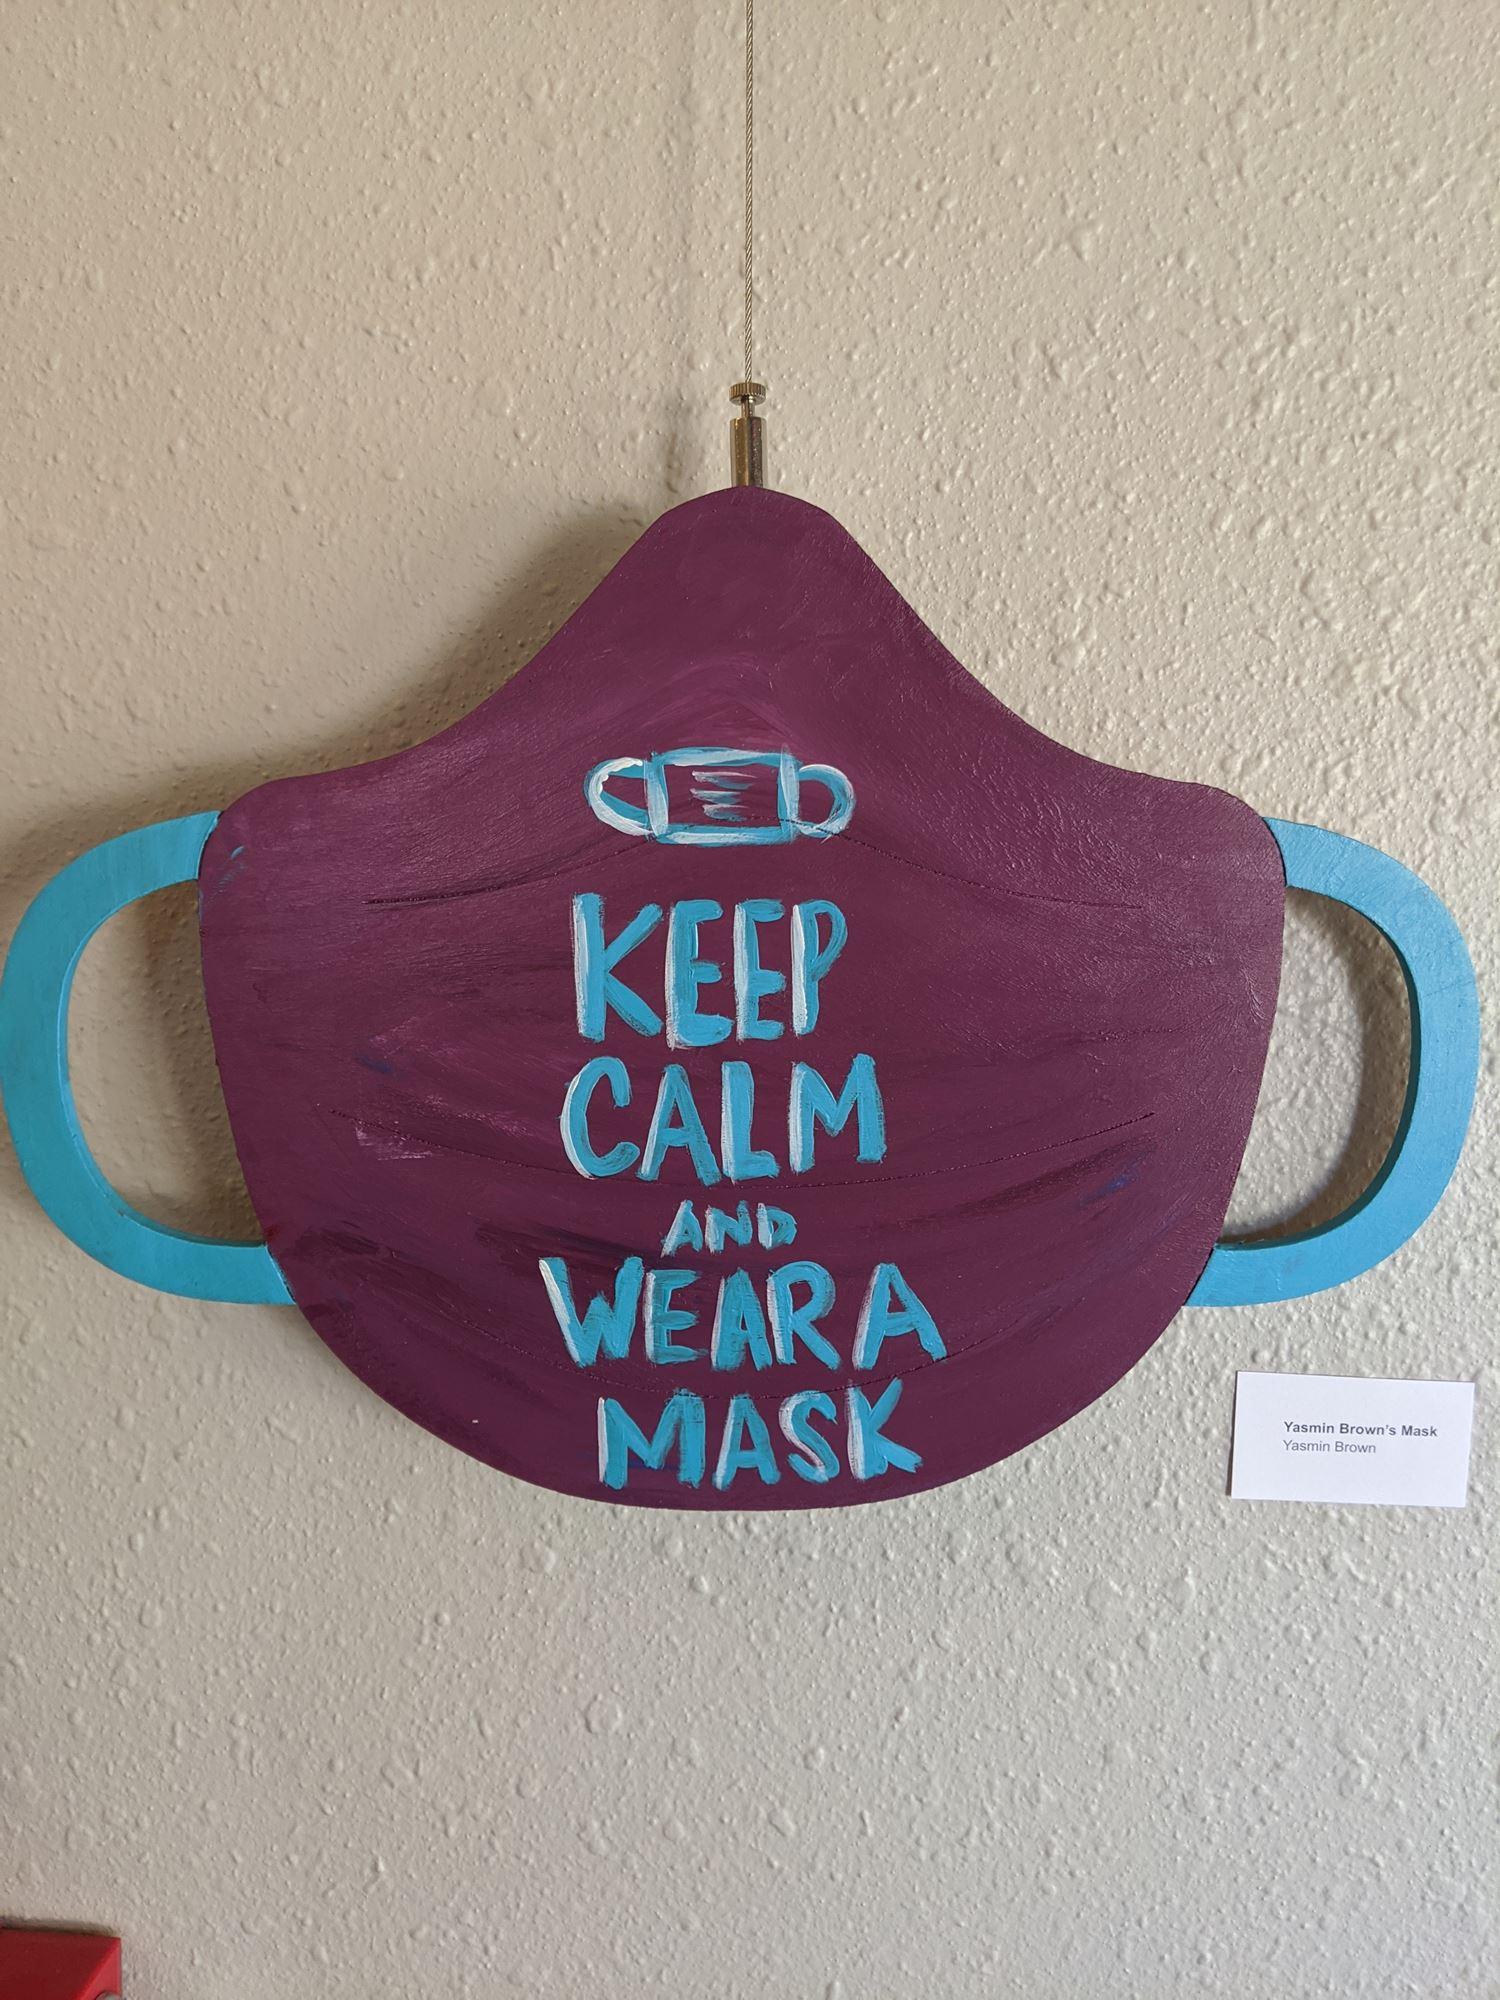 Yasmin Brown- Yasmin Brown's Mask